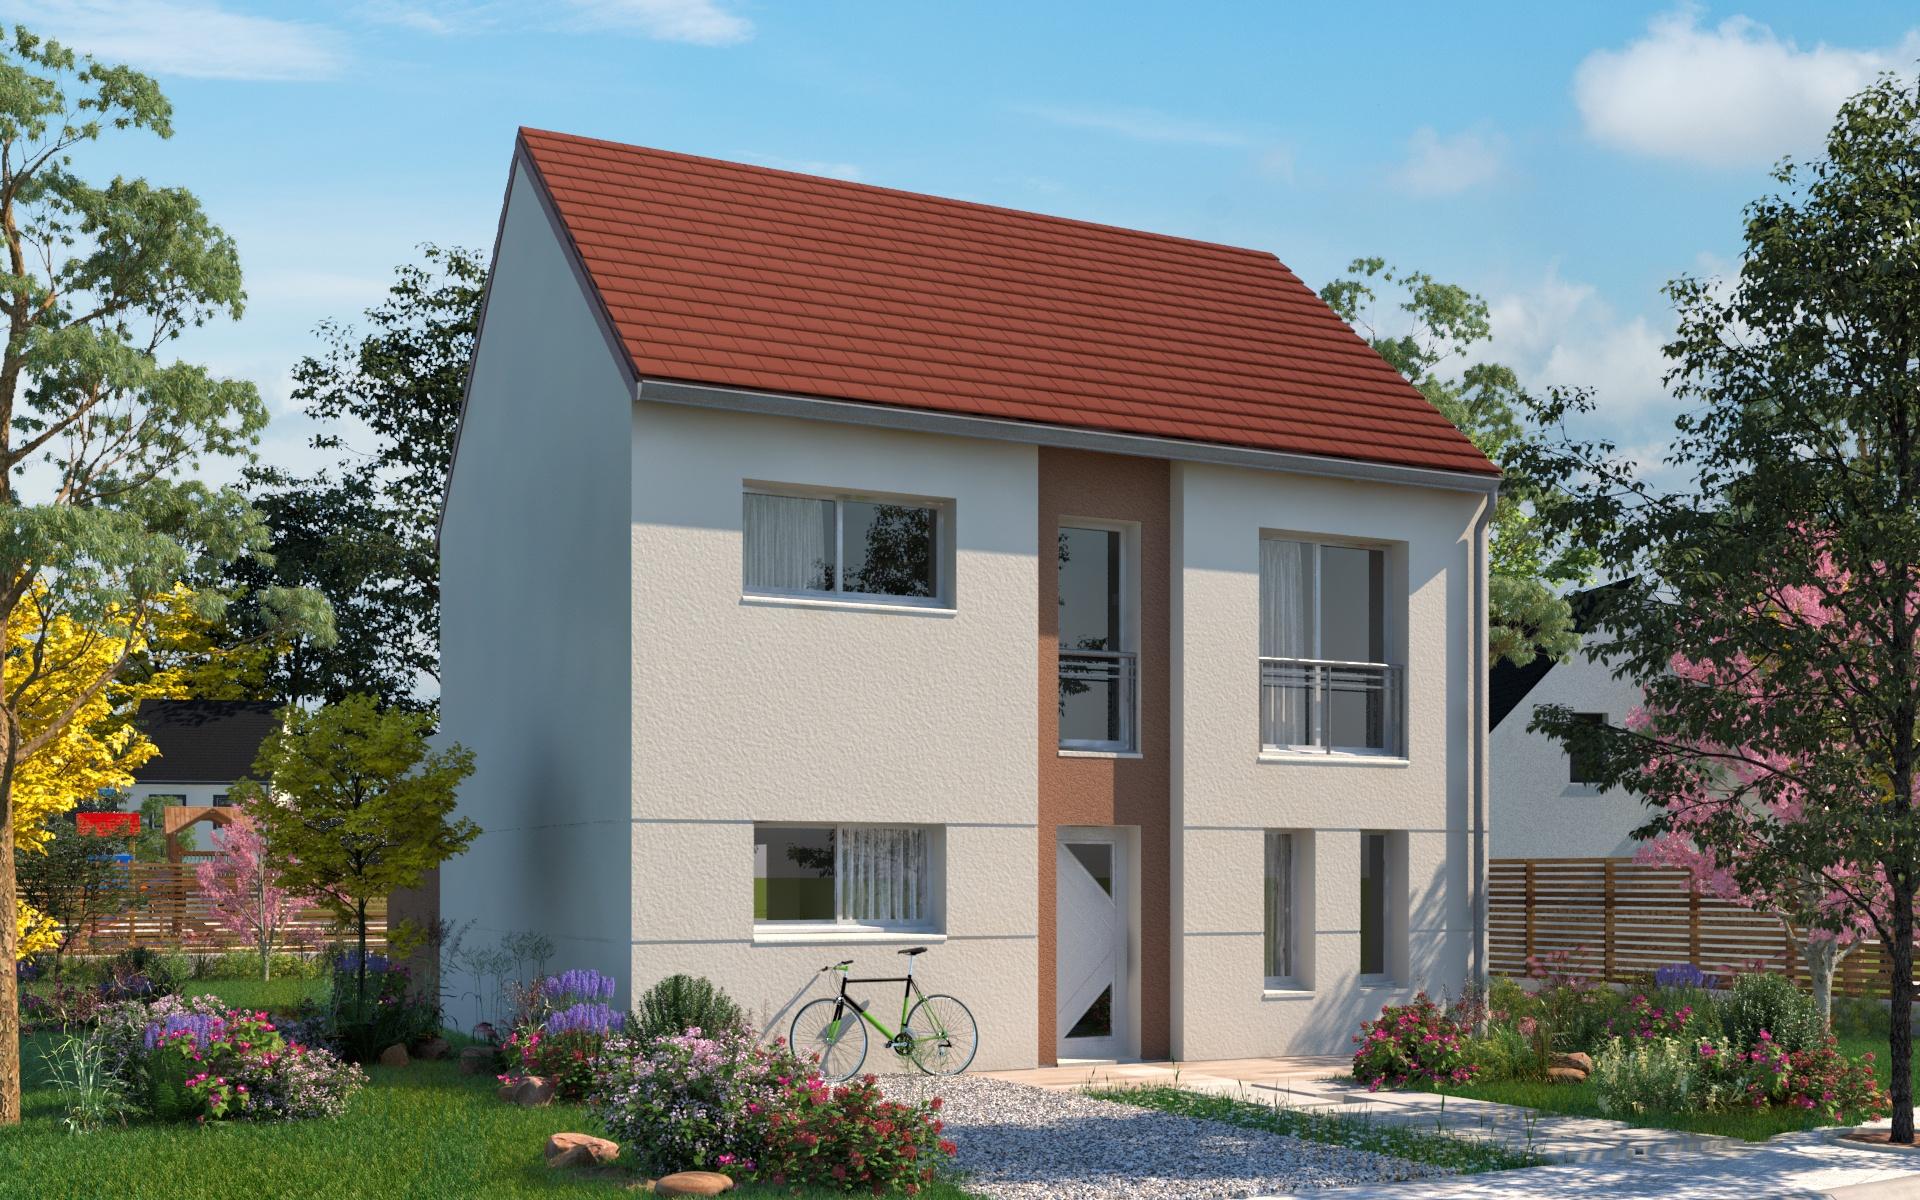 Maisons + Terrains du constructeur LES MAISONS.COM POISSY • 118 m² • MANTES LA JOLIE